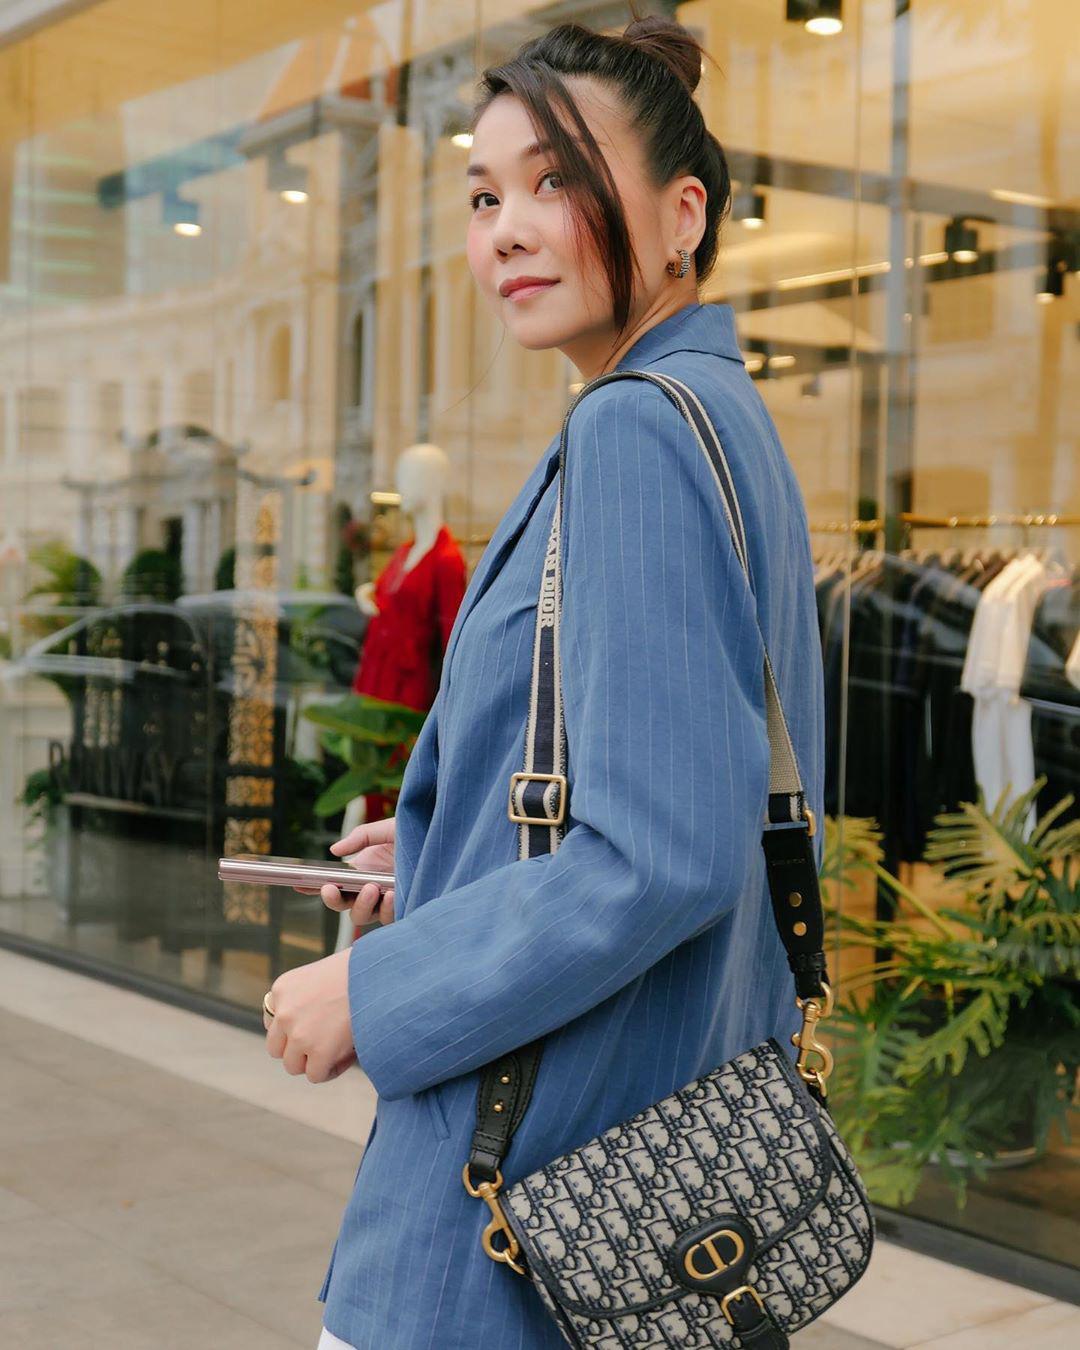 3 kiểu áo khoác khi trời trở lạnh được lòng hội sao Vbiz: Copy theo các nàng sẽ thấy style xịn hơn liền  - Ảnh 2.